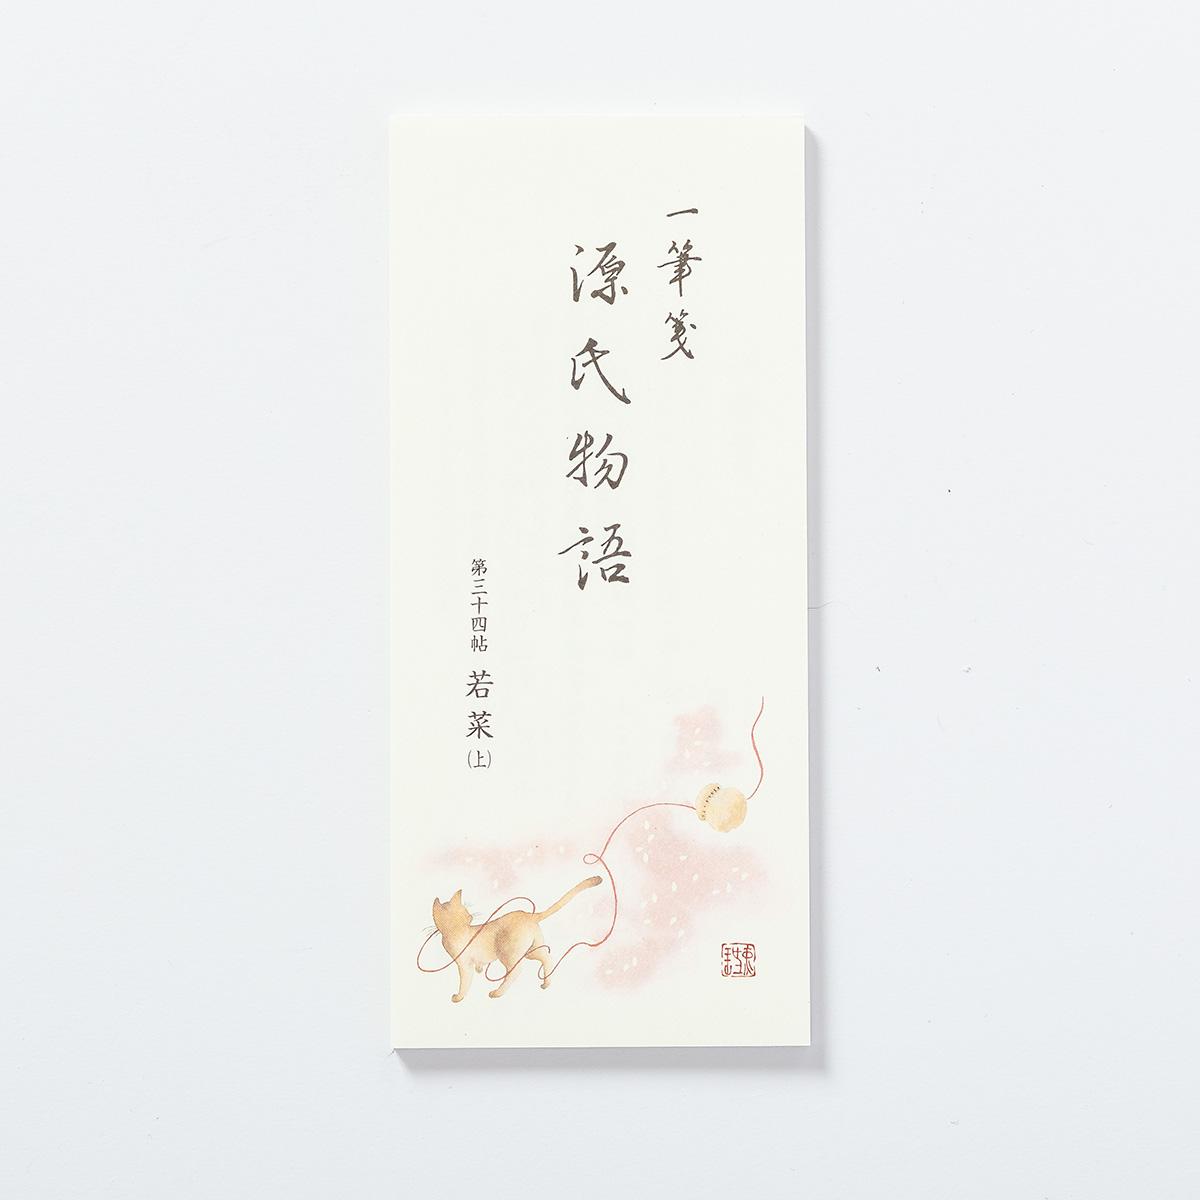 源氏物語一筆箋 第34帖「若菜(上)」